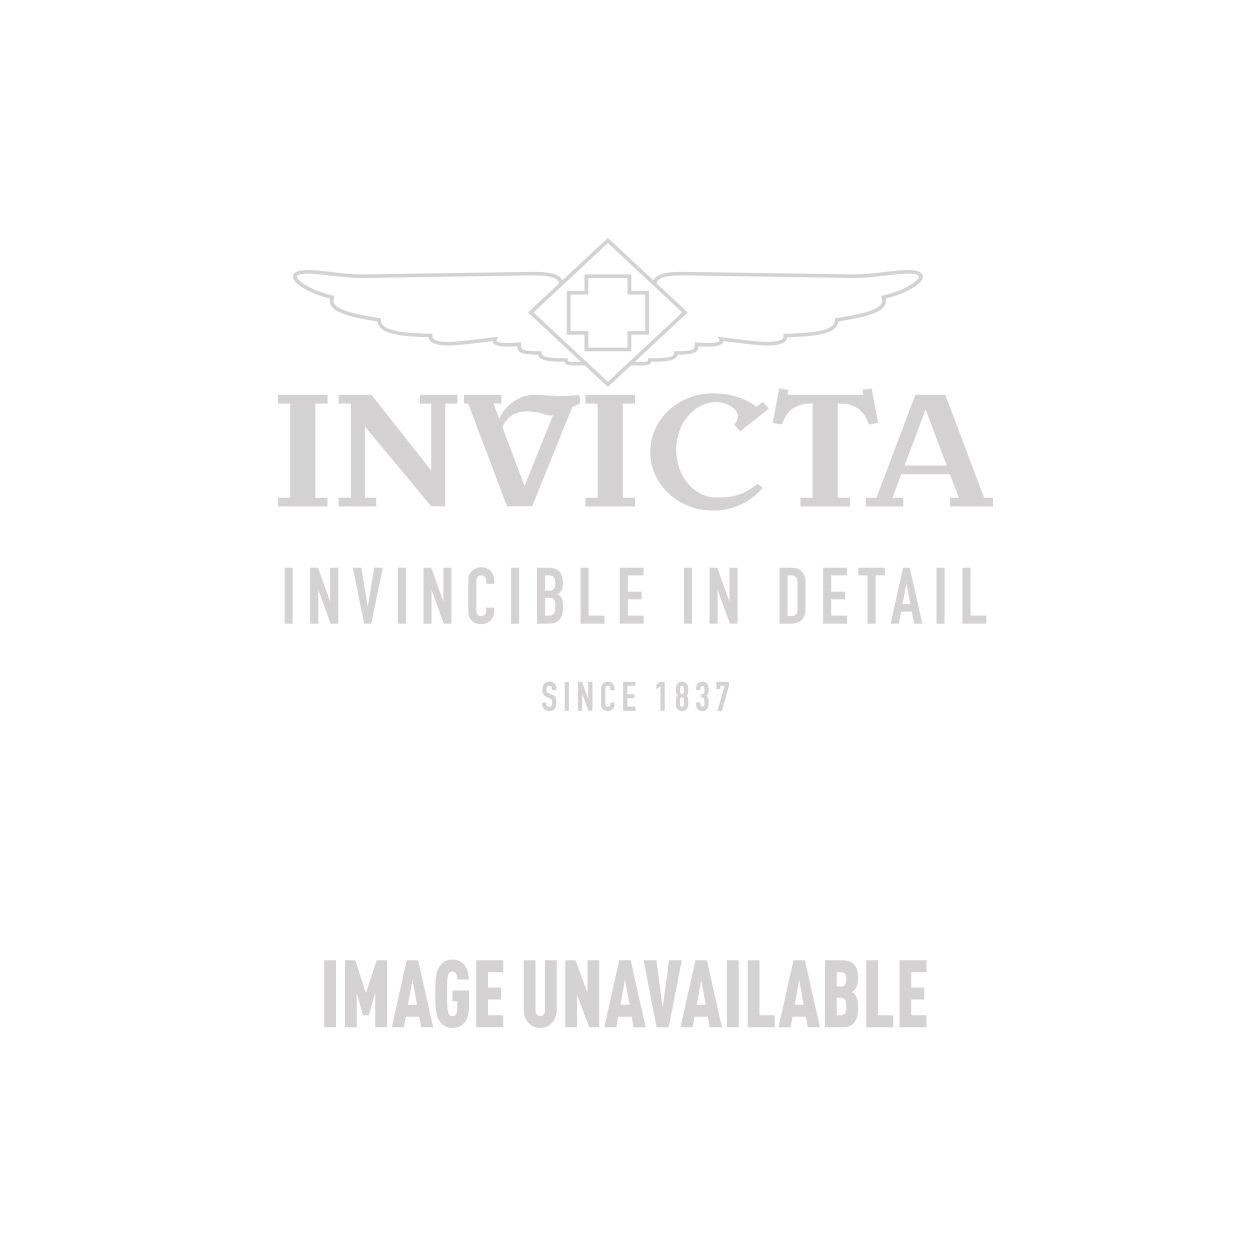 Invicta Model 25538